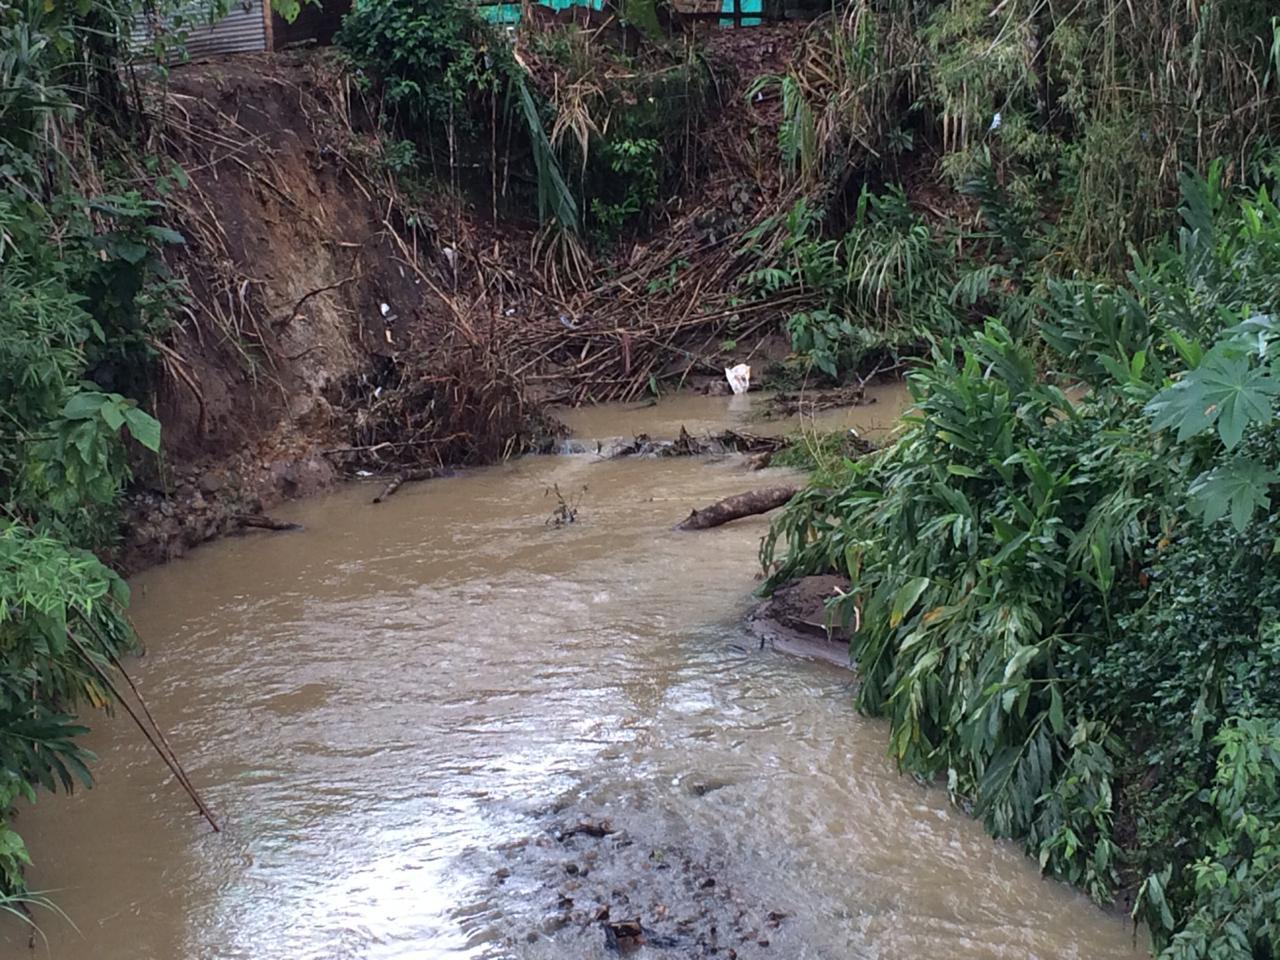 OGRD entrega evaluación de daños y necesidades por fuertes lluvias en Popayán